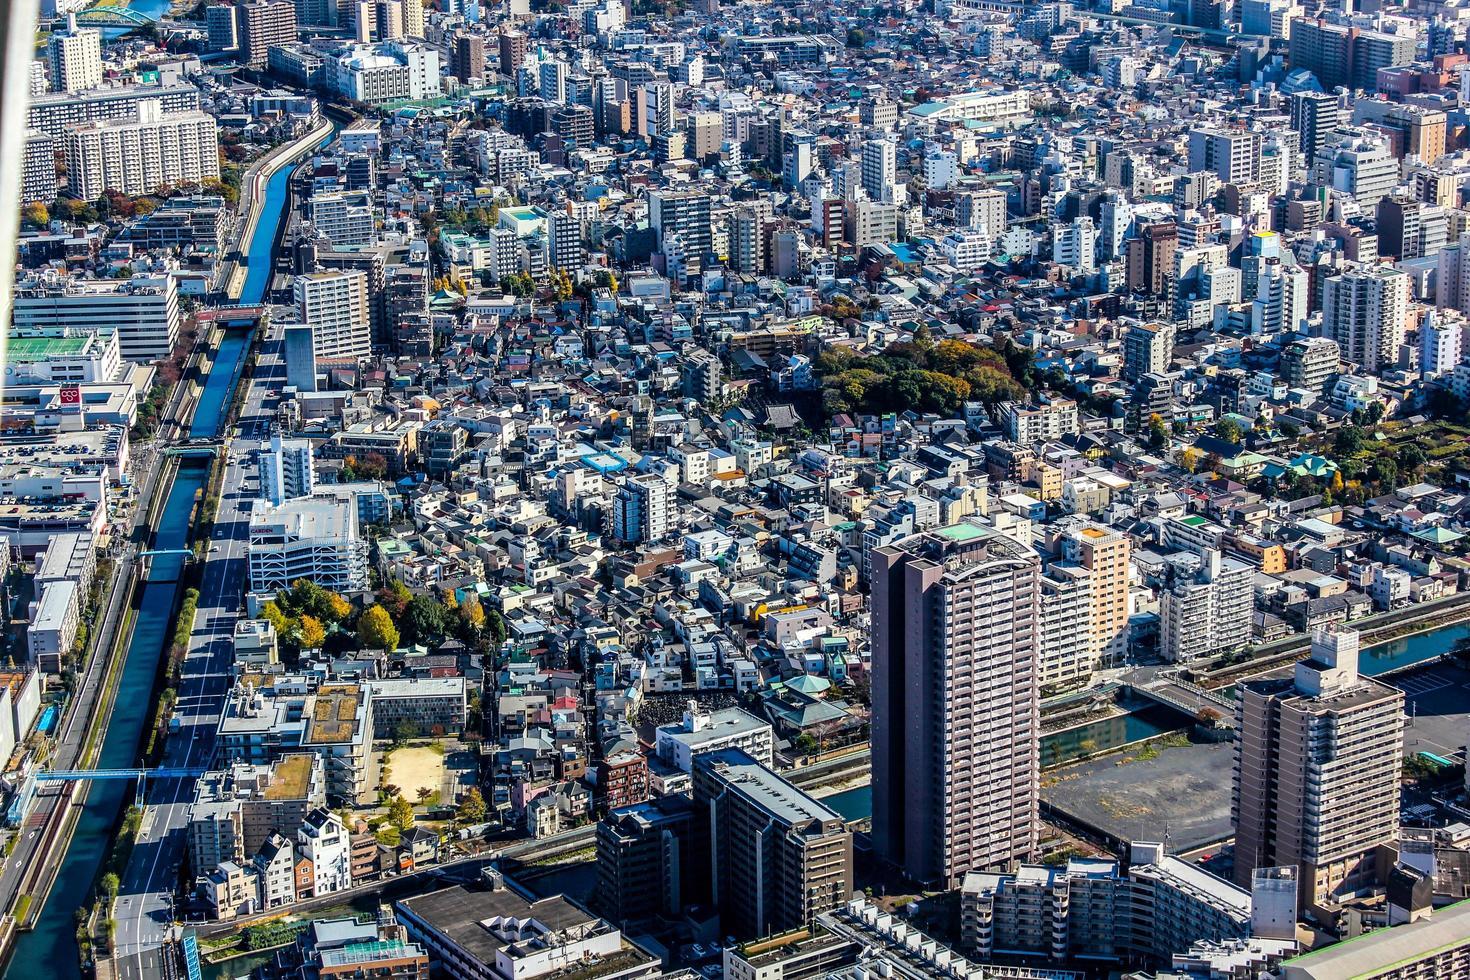 vista aérea de edificios en una ciudad foto